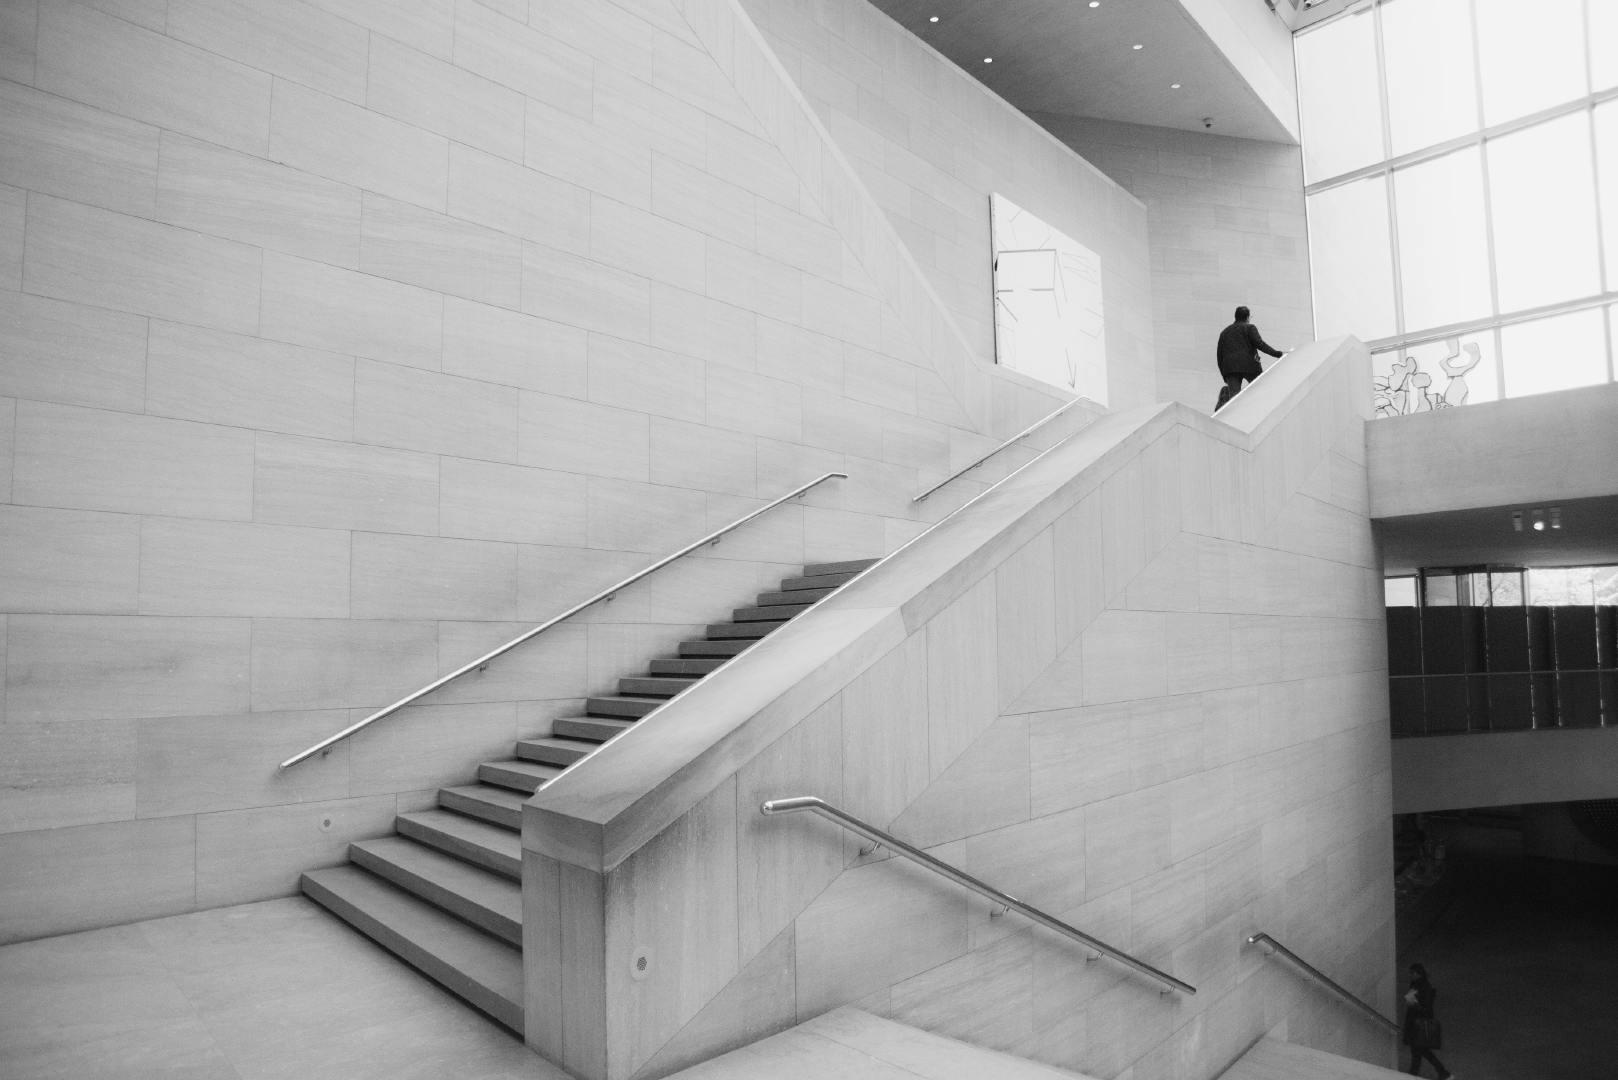 线条明朗简单的简约现代建筑高清桌面壁纸